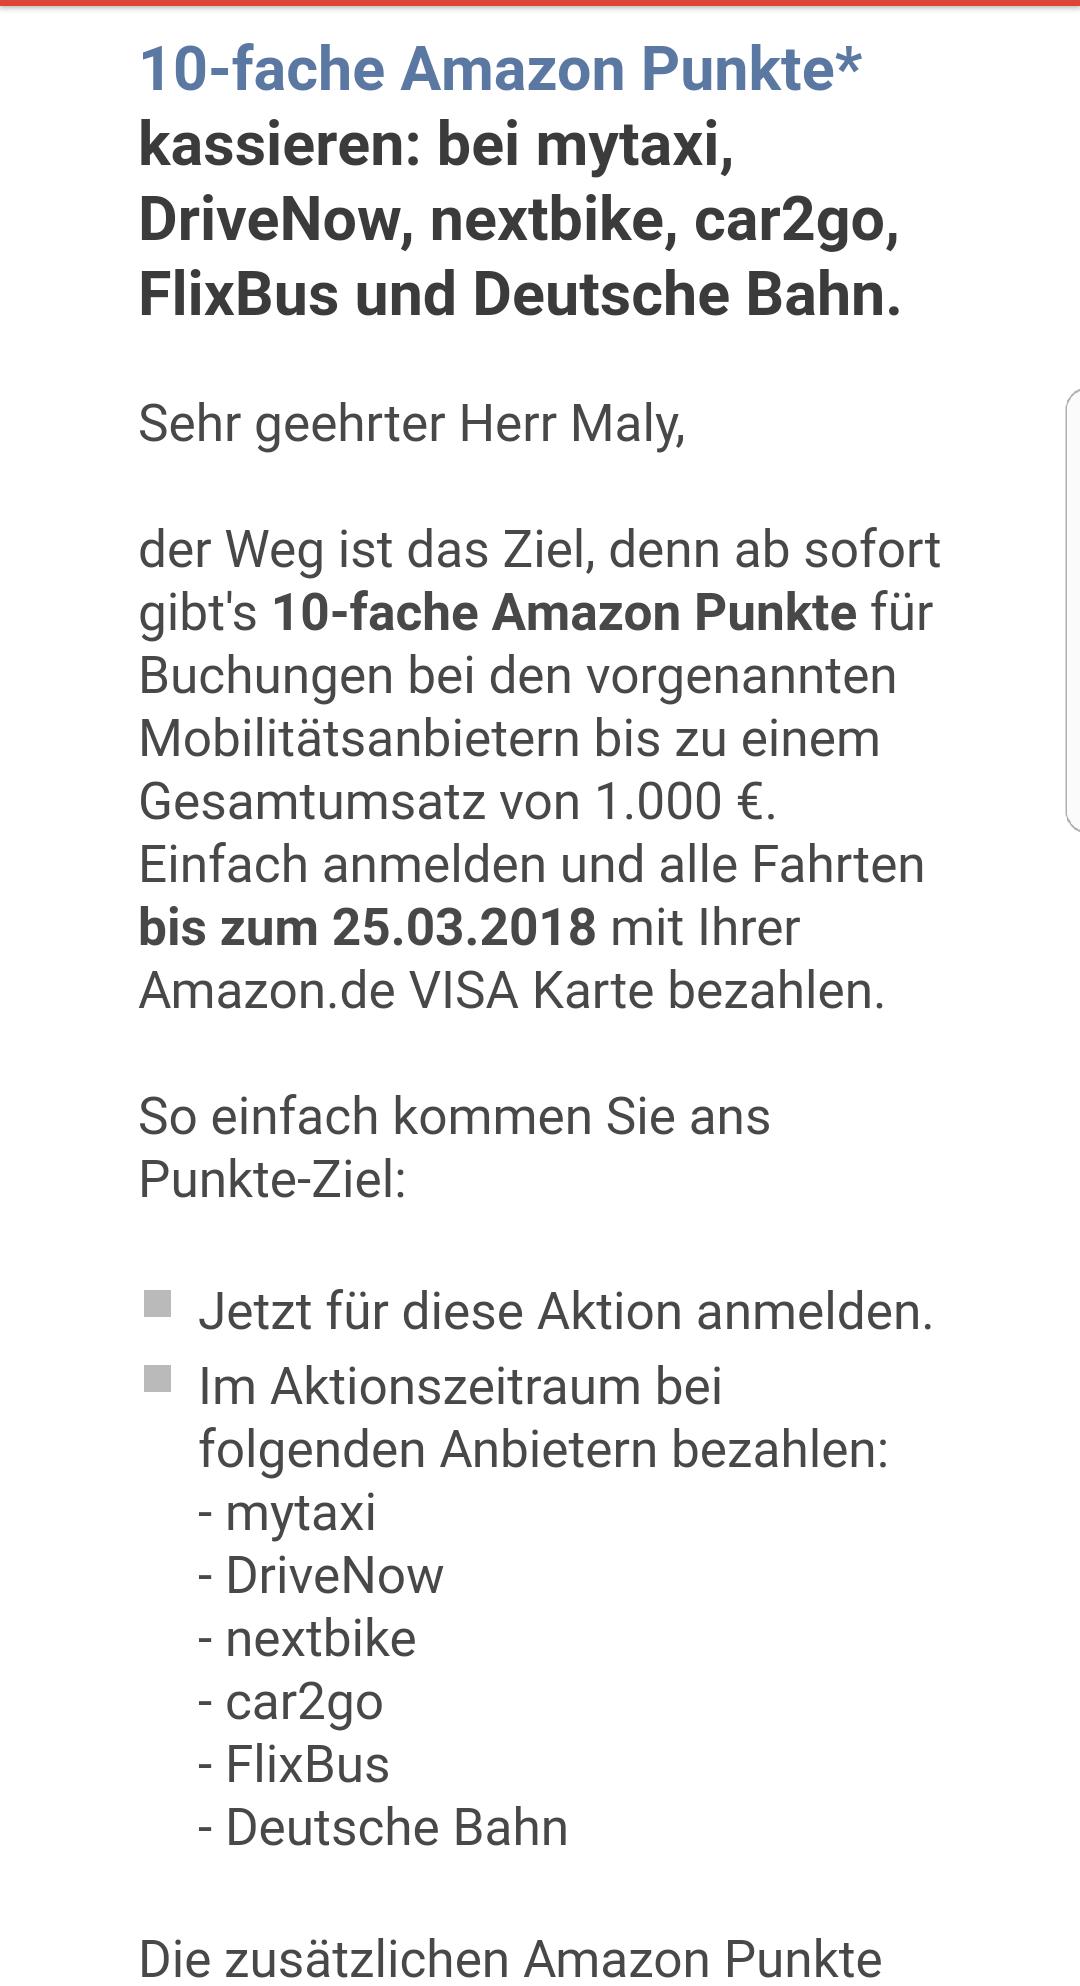 [Amazon Kreditkarte] 10fach Punkte (5%) für Buchungen bei DB, Flixbus, Nextbike, DriveNow, mytaxi und car2go